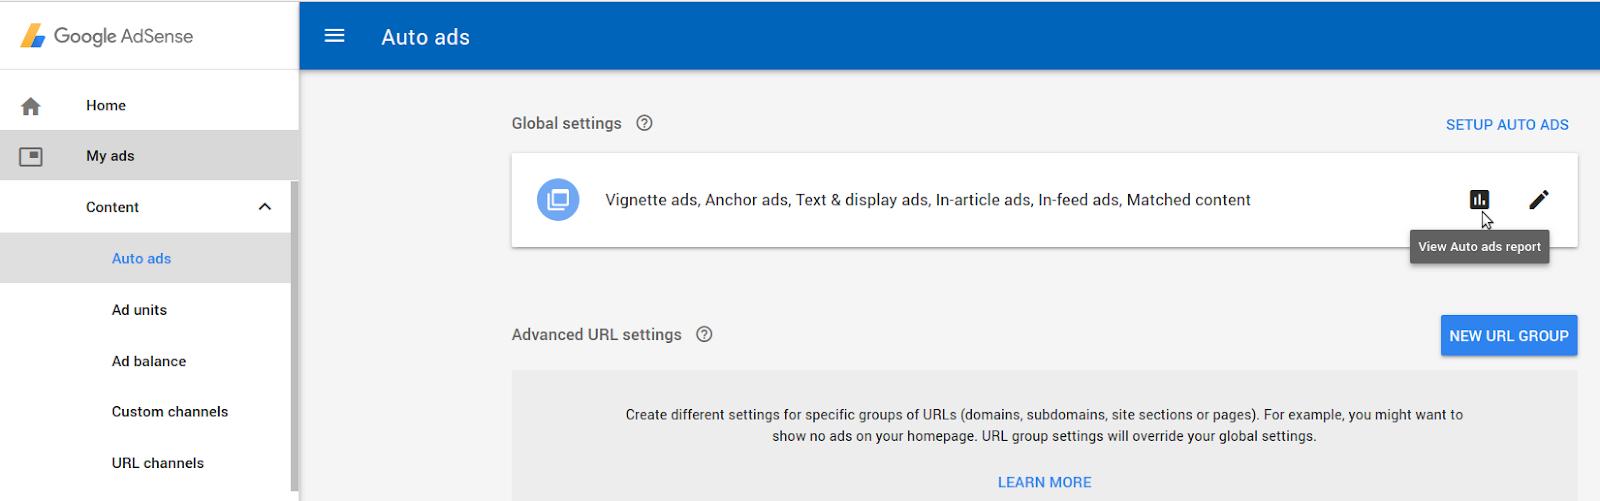 How To Setup AdSense Auto Ads Properly